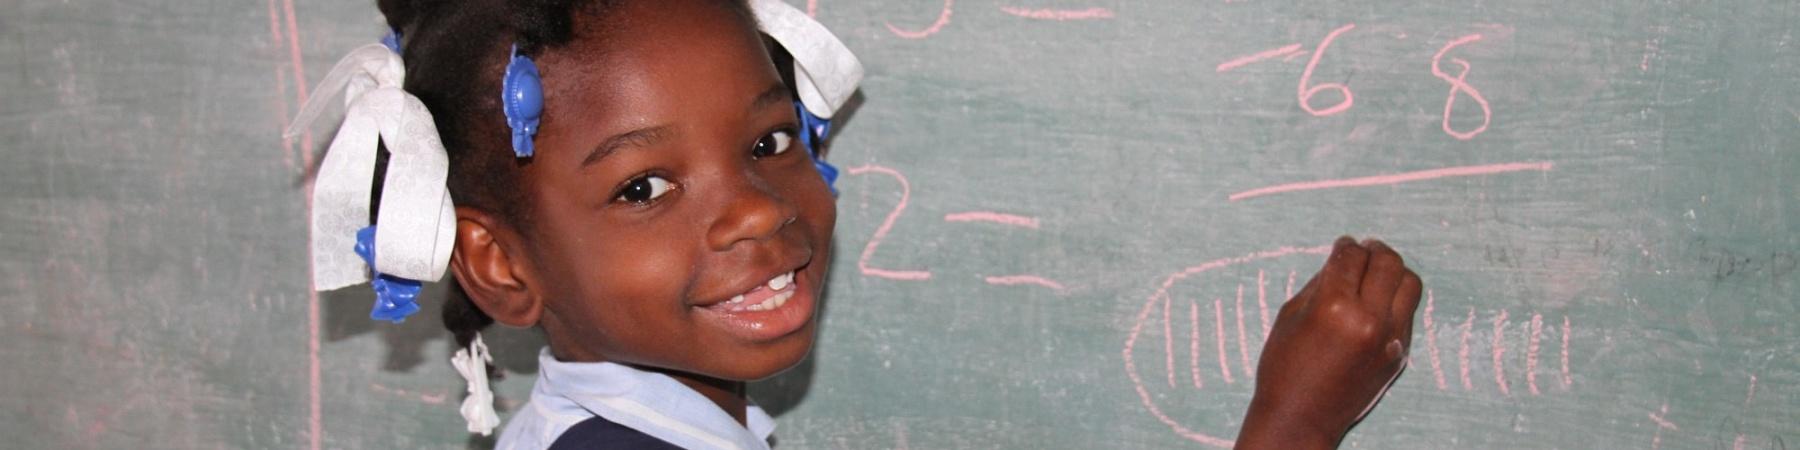 bimba nera di Haiti che scrive alla lavagna a scuola e ci guarda con un grande sorriso. Vestita con una camicia azzurra ha un nastro tra i capelli pettinati con due treccine.